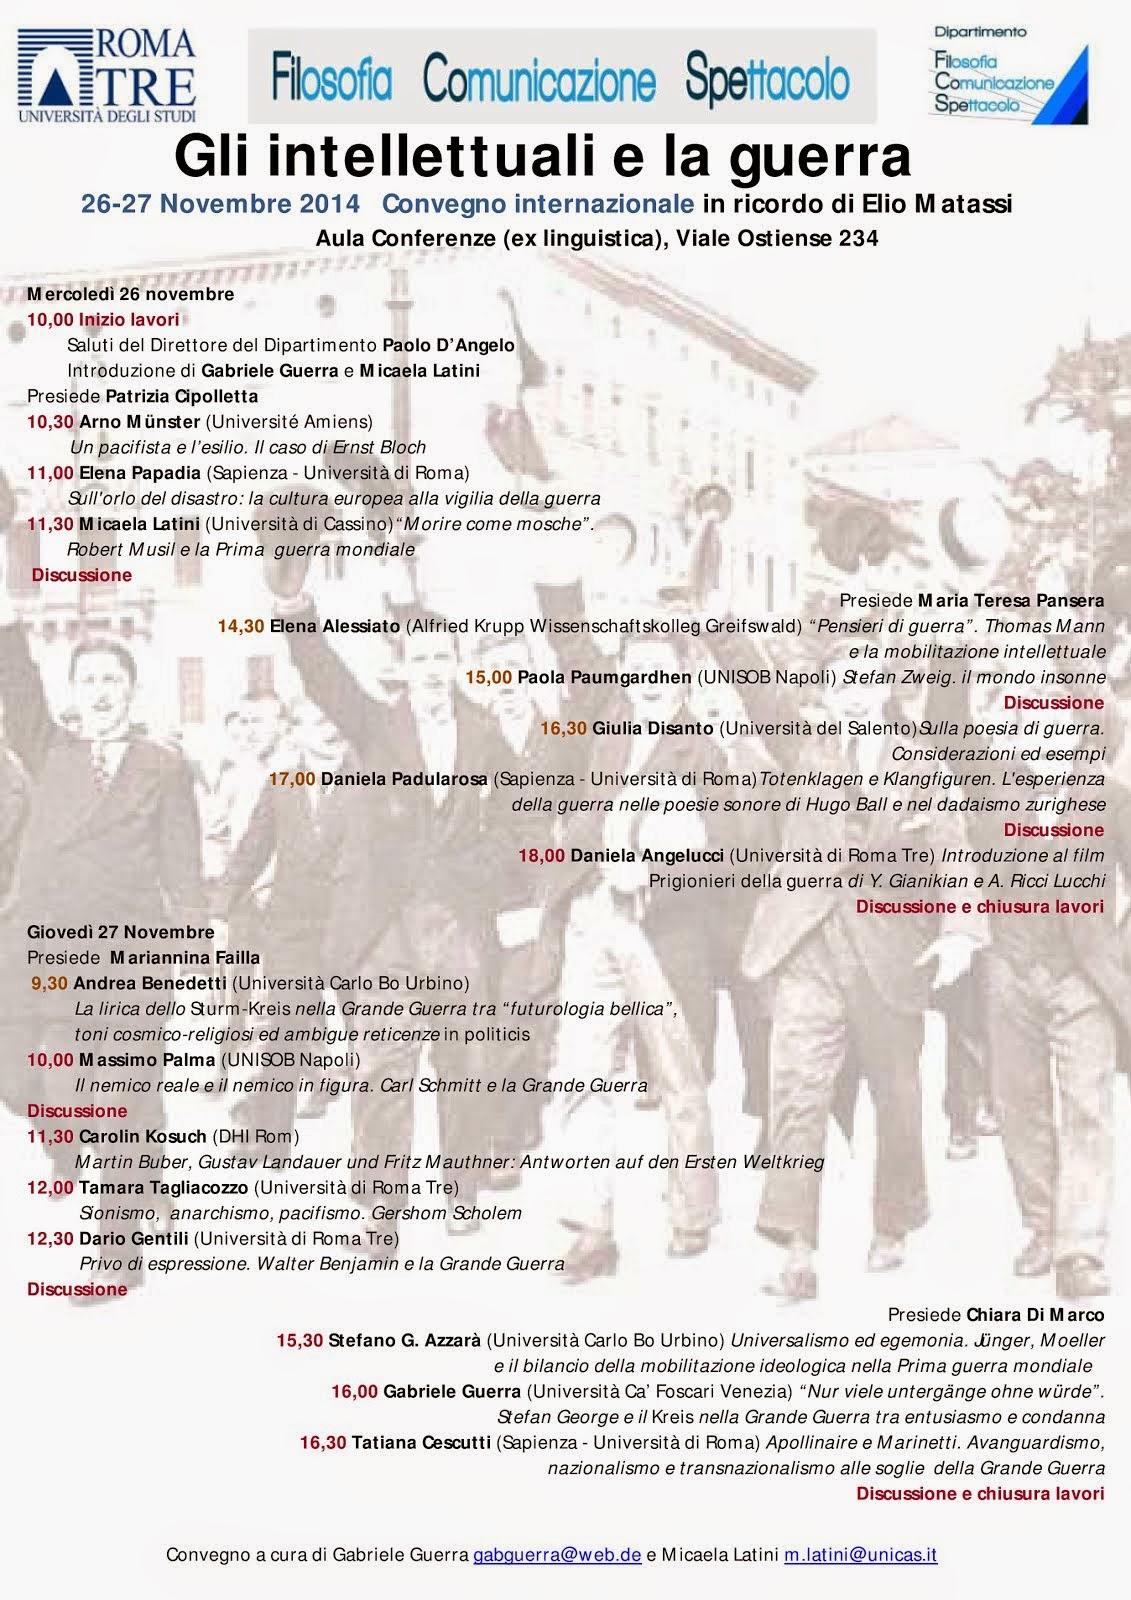 Gli intellettuali e la guerra. Un convegno in ricordo di Elio Matassi